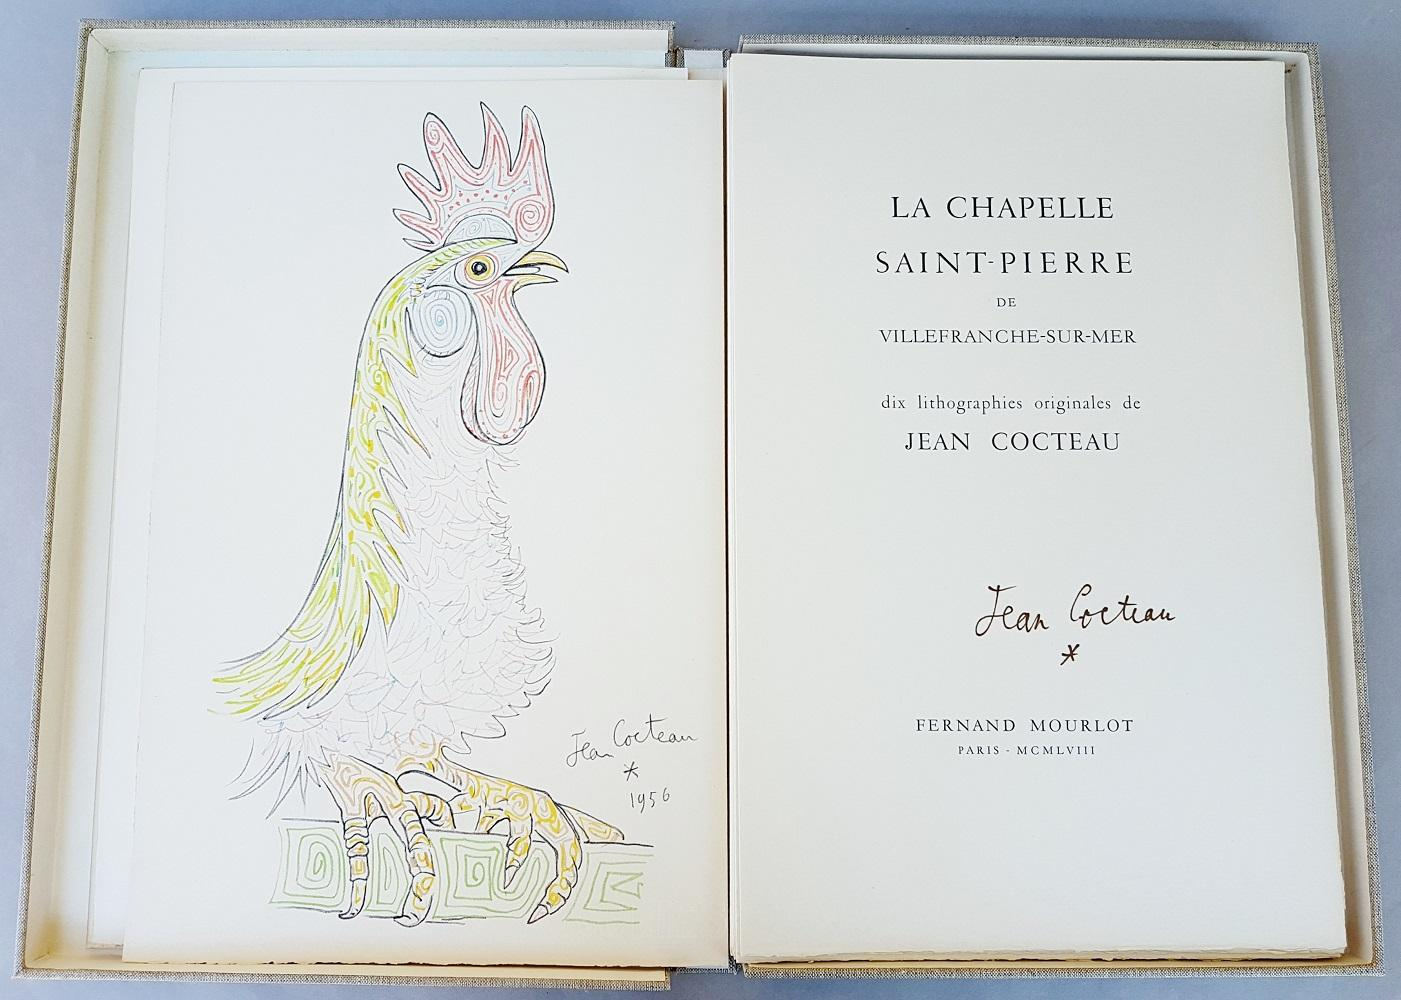 La_Chapelle_SaintPierre_de_VillefrancheSurMer_Cocteau_Jean_Très_bon